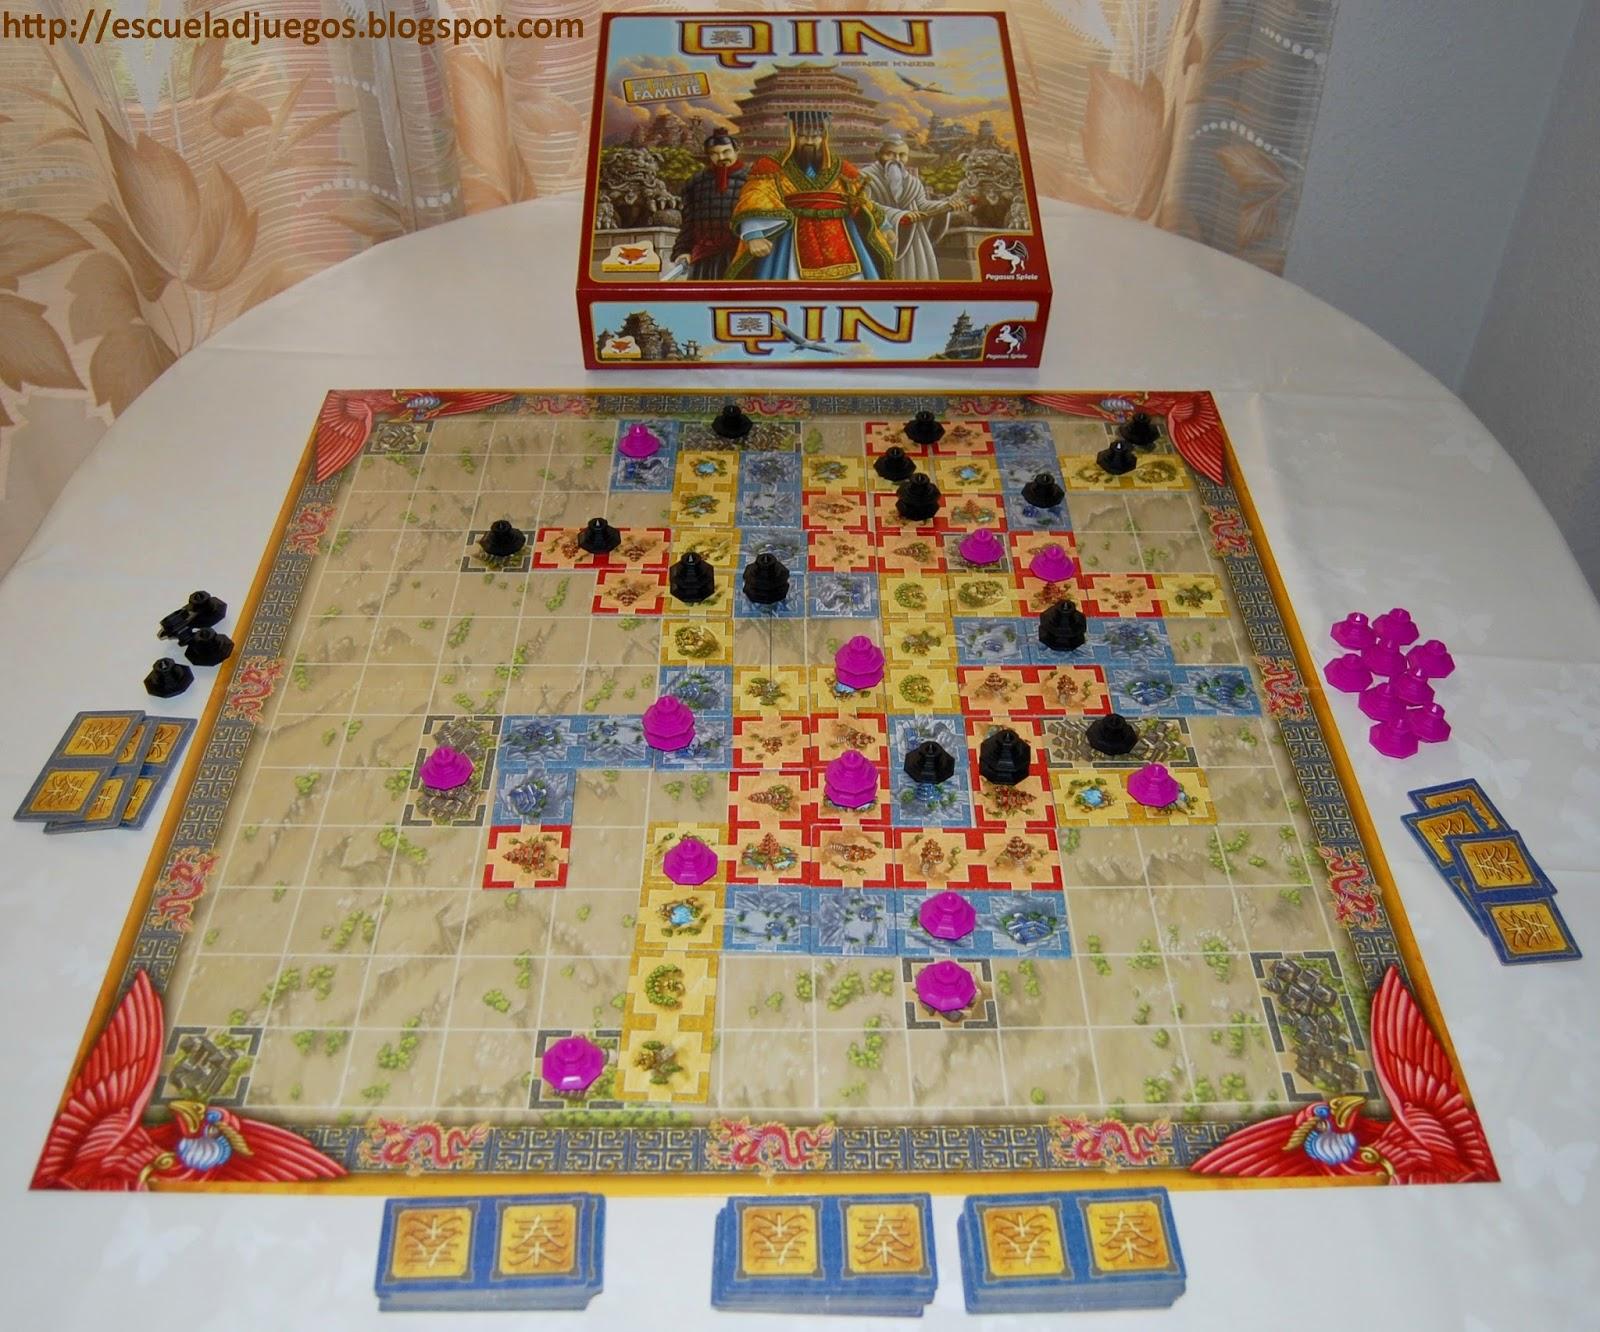 Reseña de Qin, juego de mesa de Reiner Knizia para hasta 4 jugadores, publicado por Pegasus Spiele.